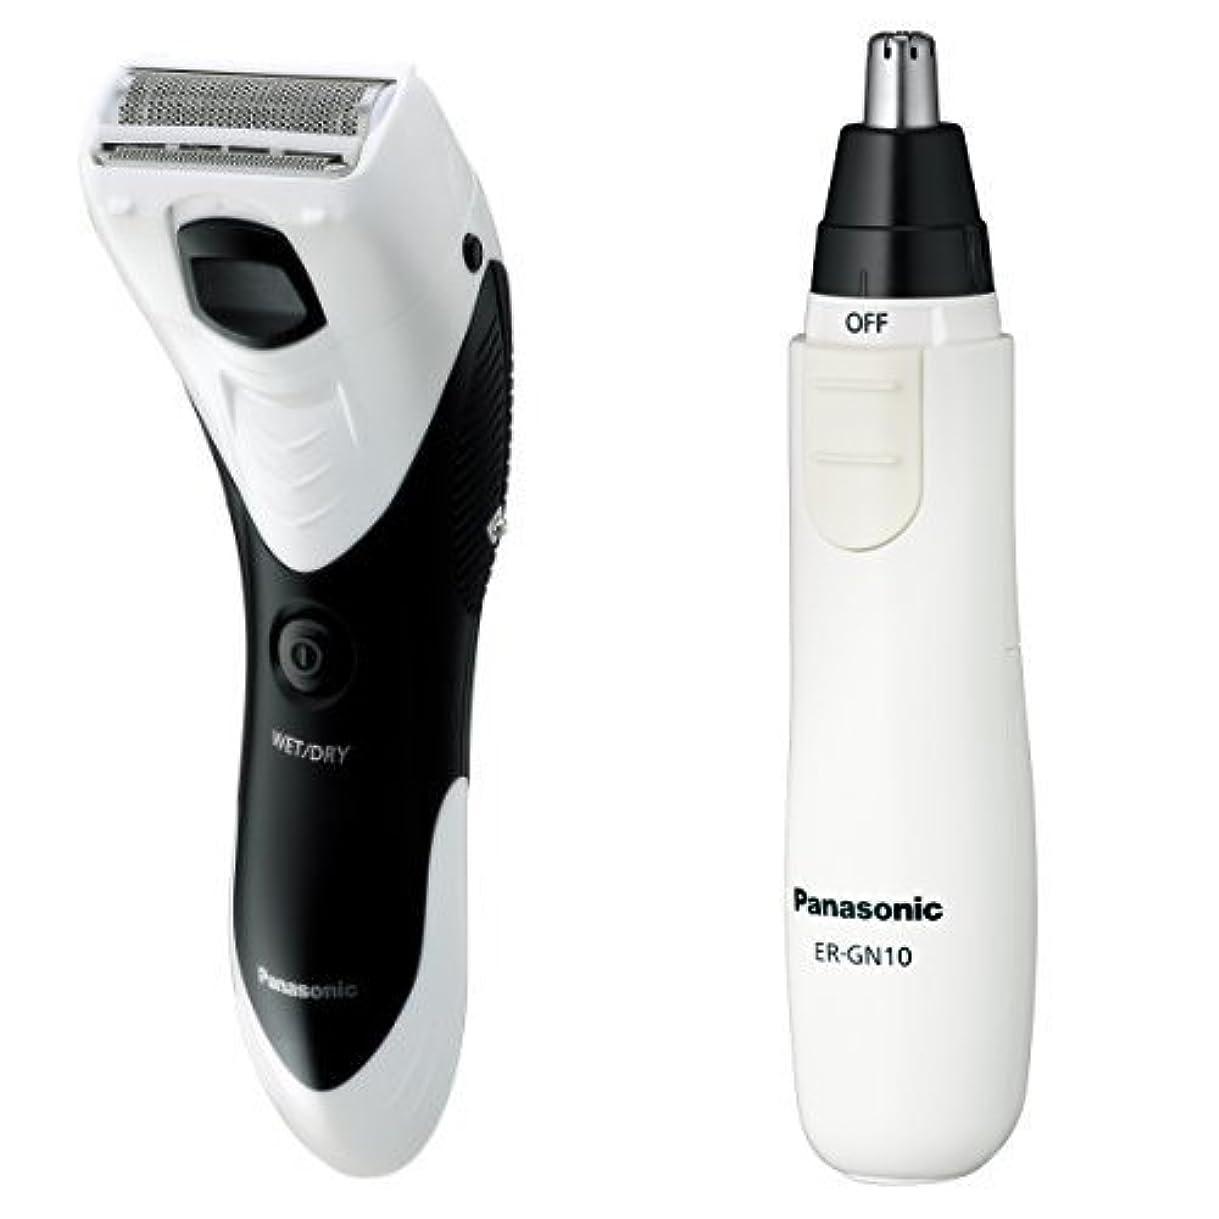 パナソニック メンズシェーバー ボディ用 お風呂剃り可 白 ER-GK40-W + エチケットカッターセット